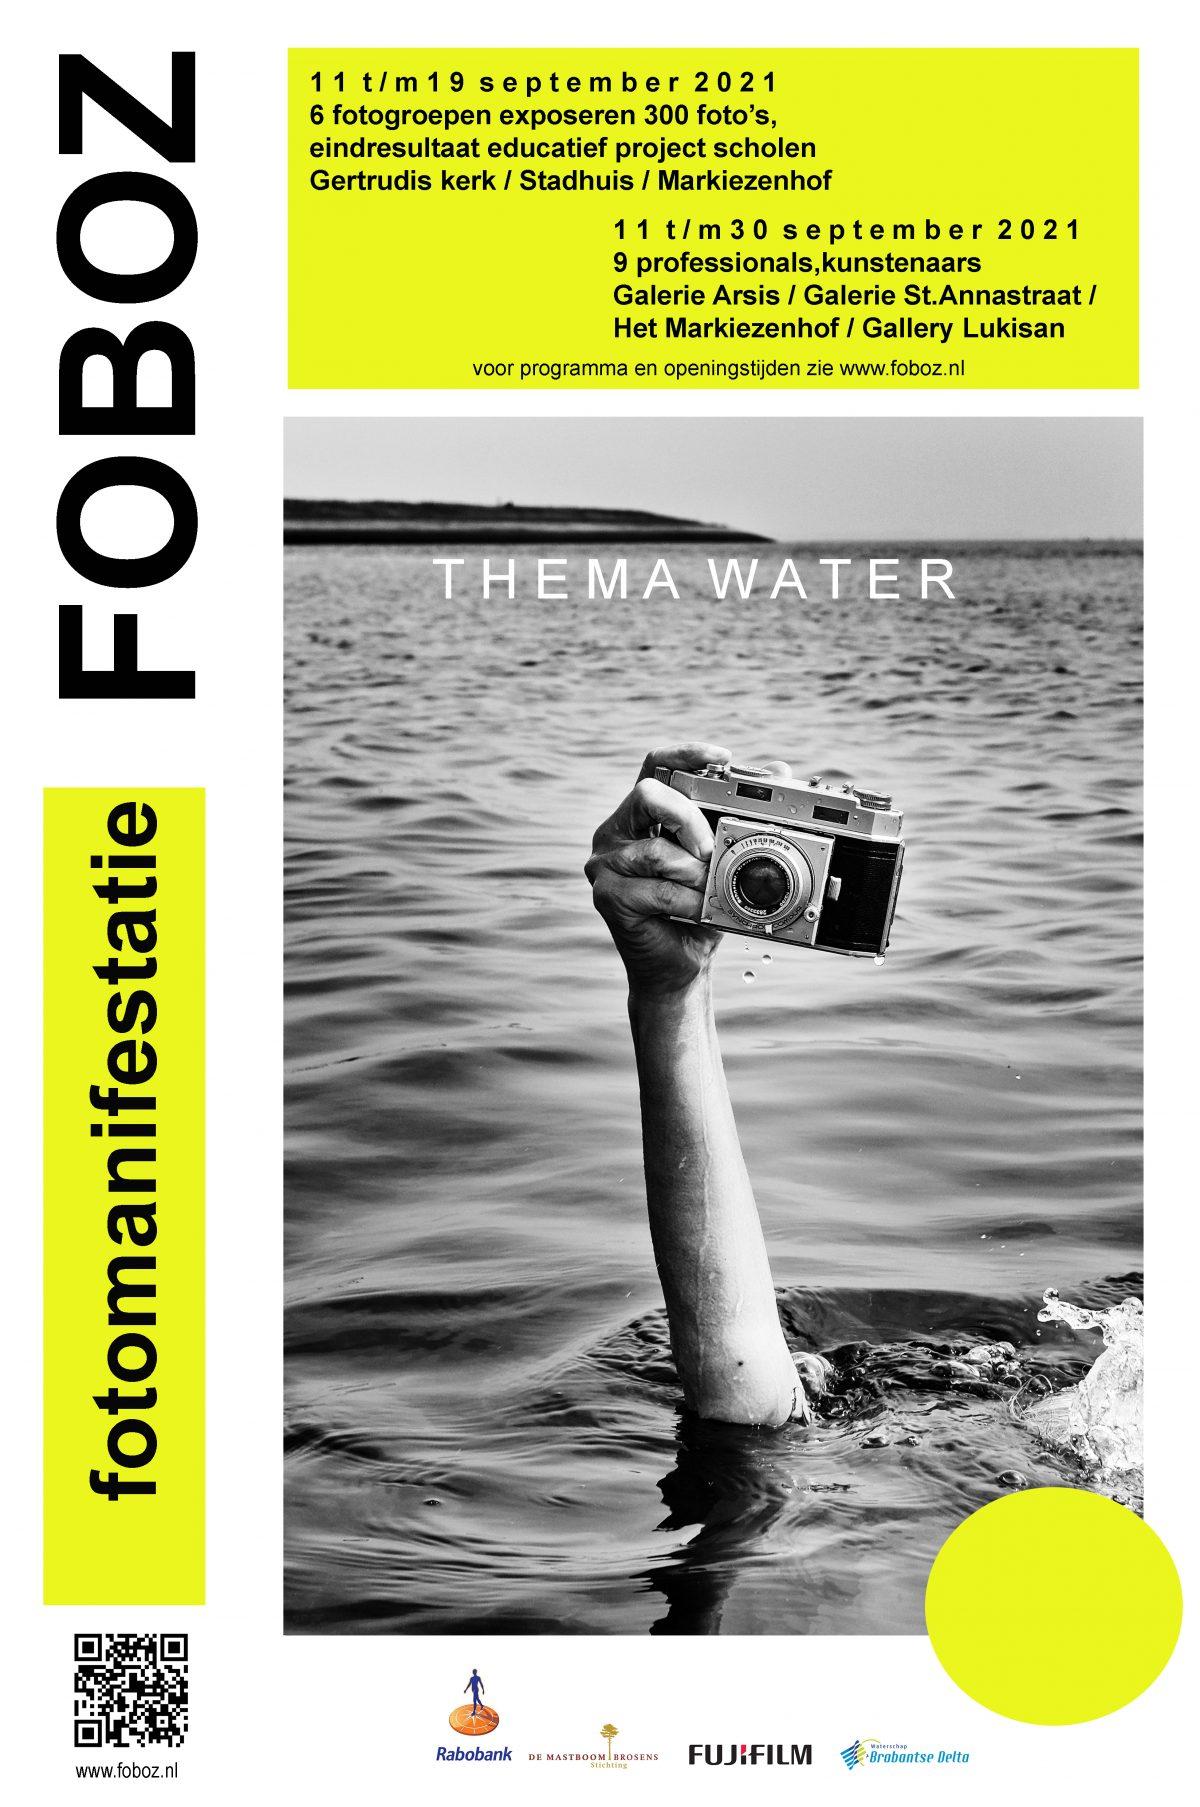 Fotomanifestatie Water. Expositie van 3 t/m 26 september 2021, georganiseerd door FoBoz, met in Galerie Arsis: Joel Tjintjelaar, Louis Sauter, Frank van Es en Rem van den Bosch.